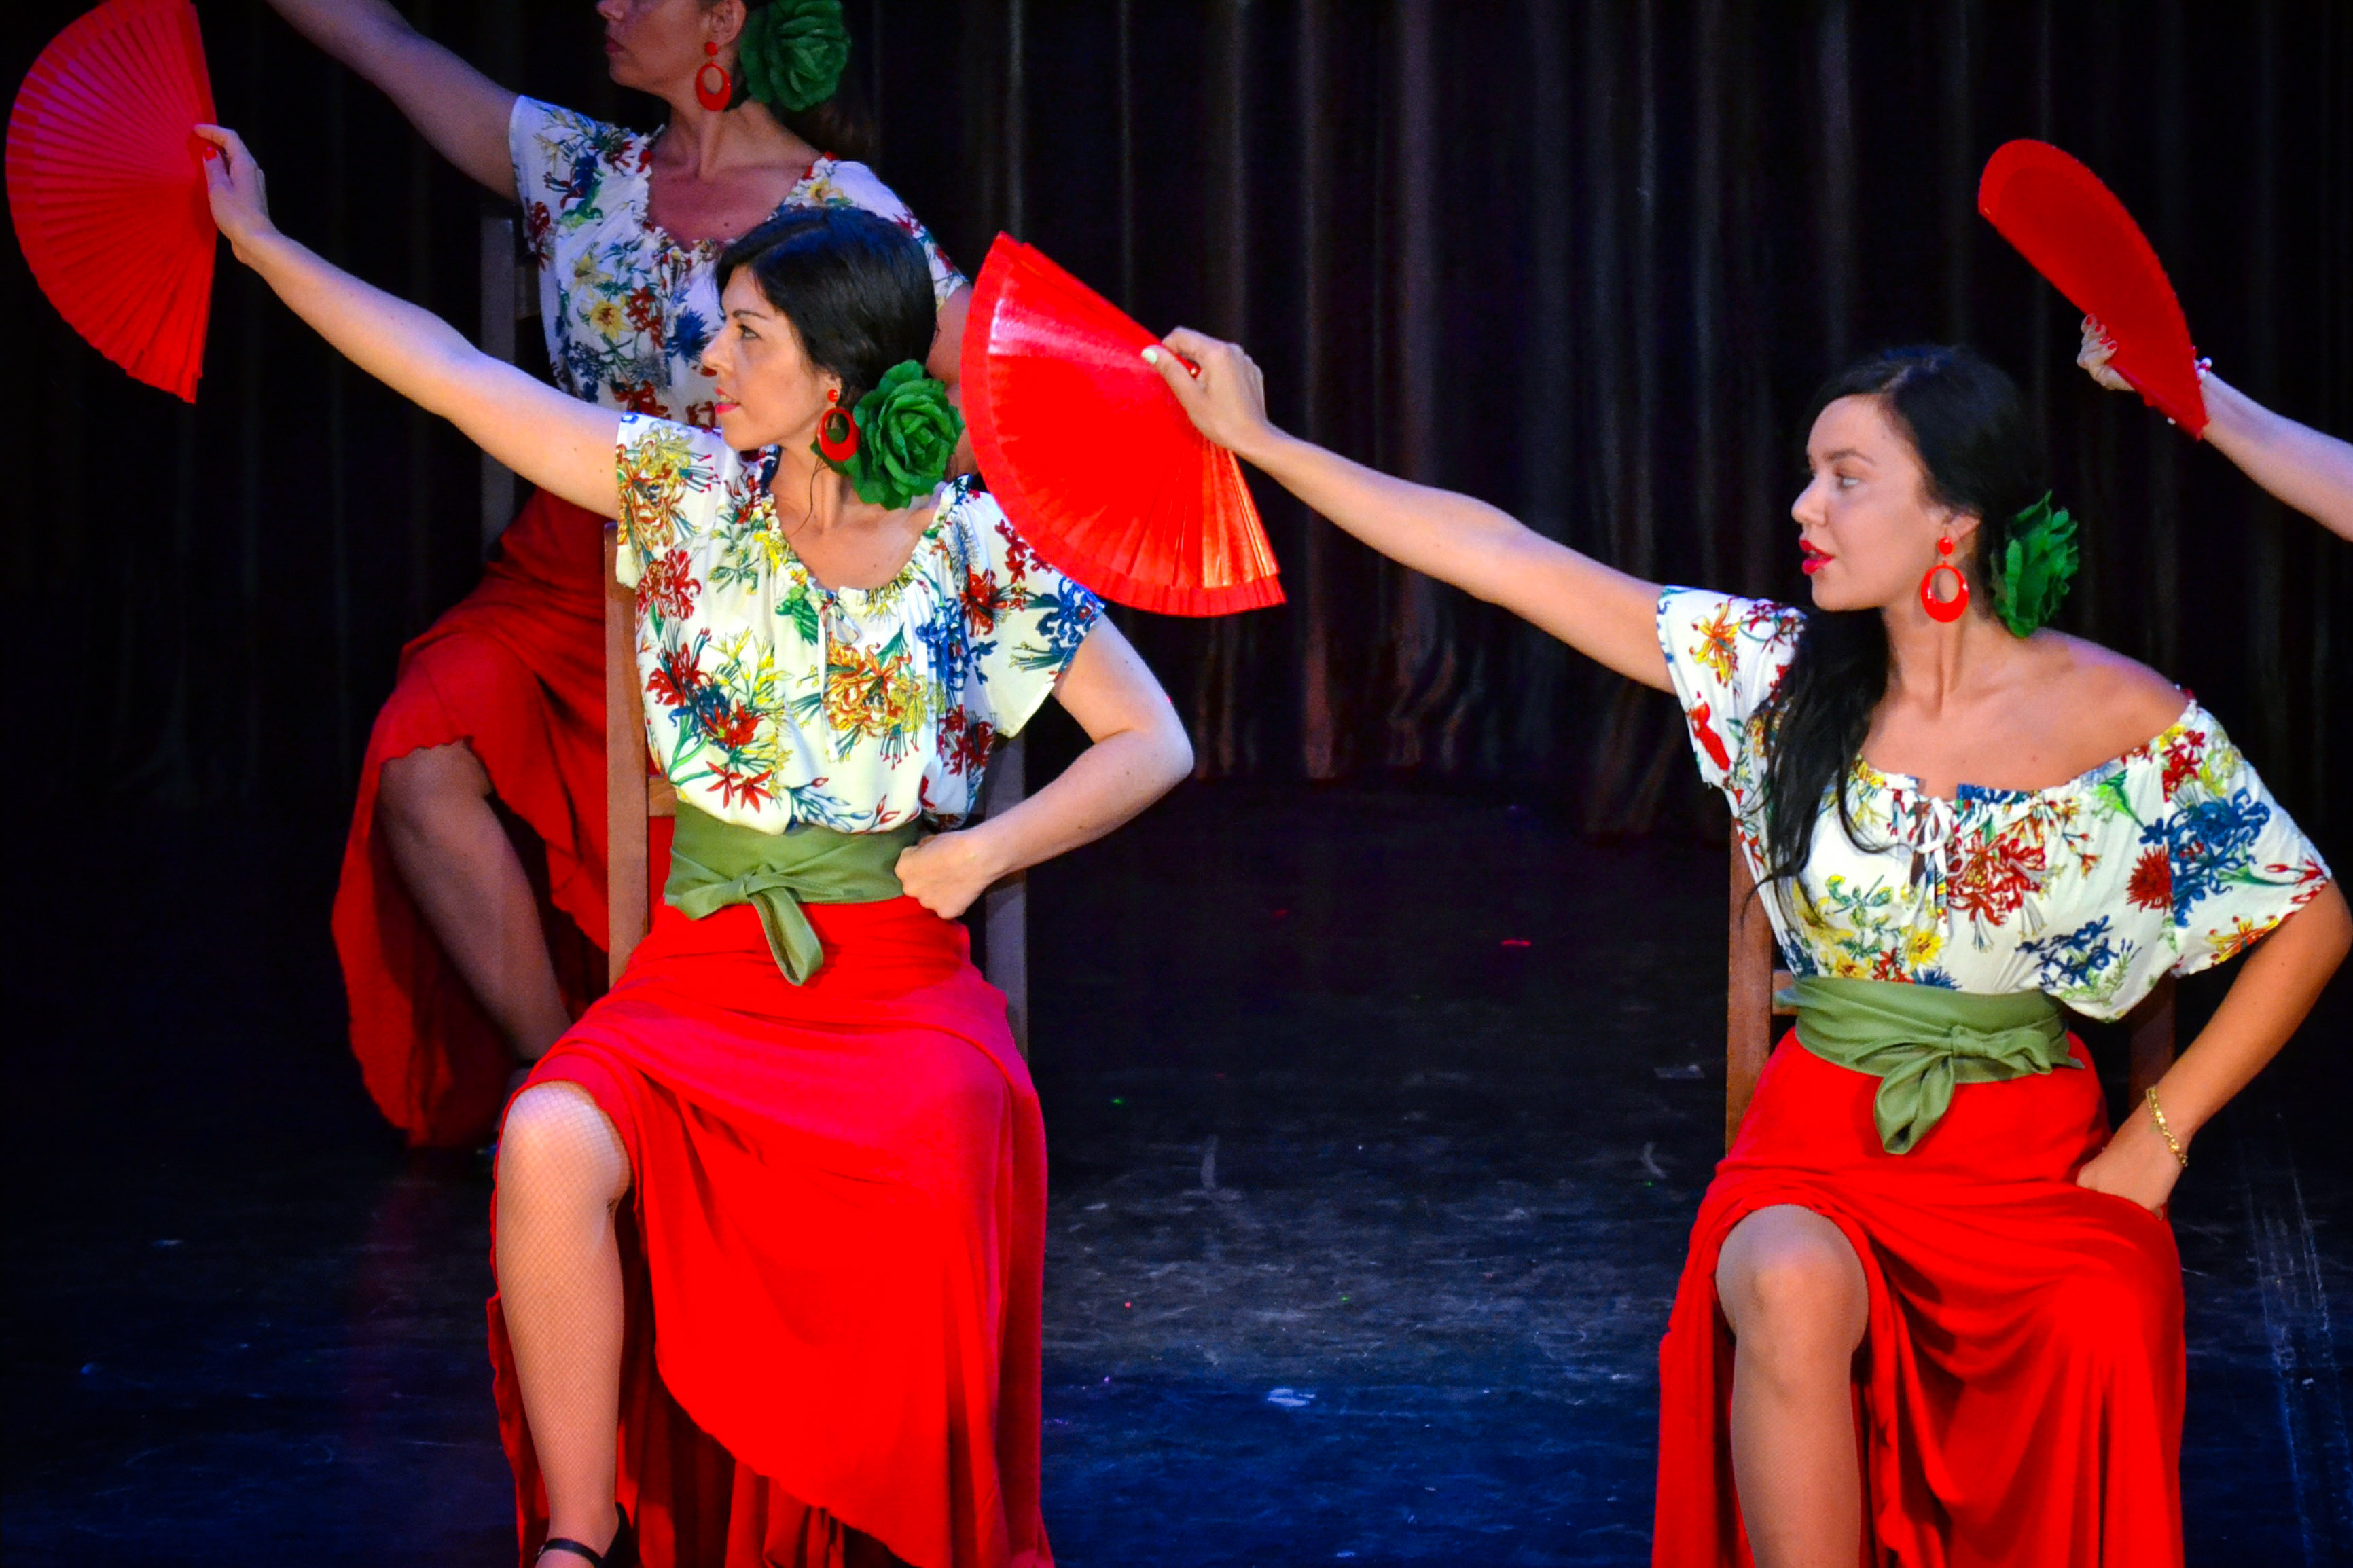 Linea-de-Baile-festival-verano-2015-clases-de-baile-valencia-166